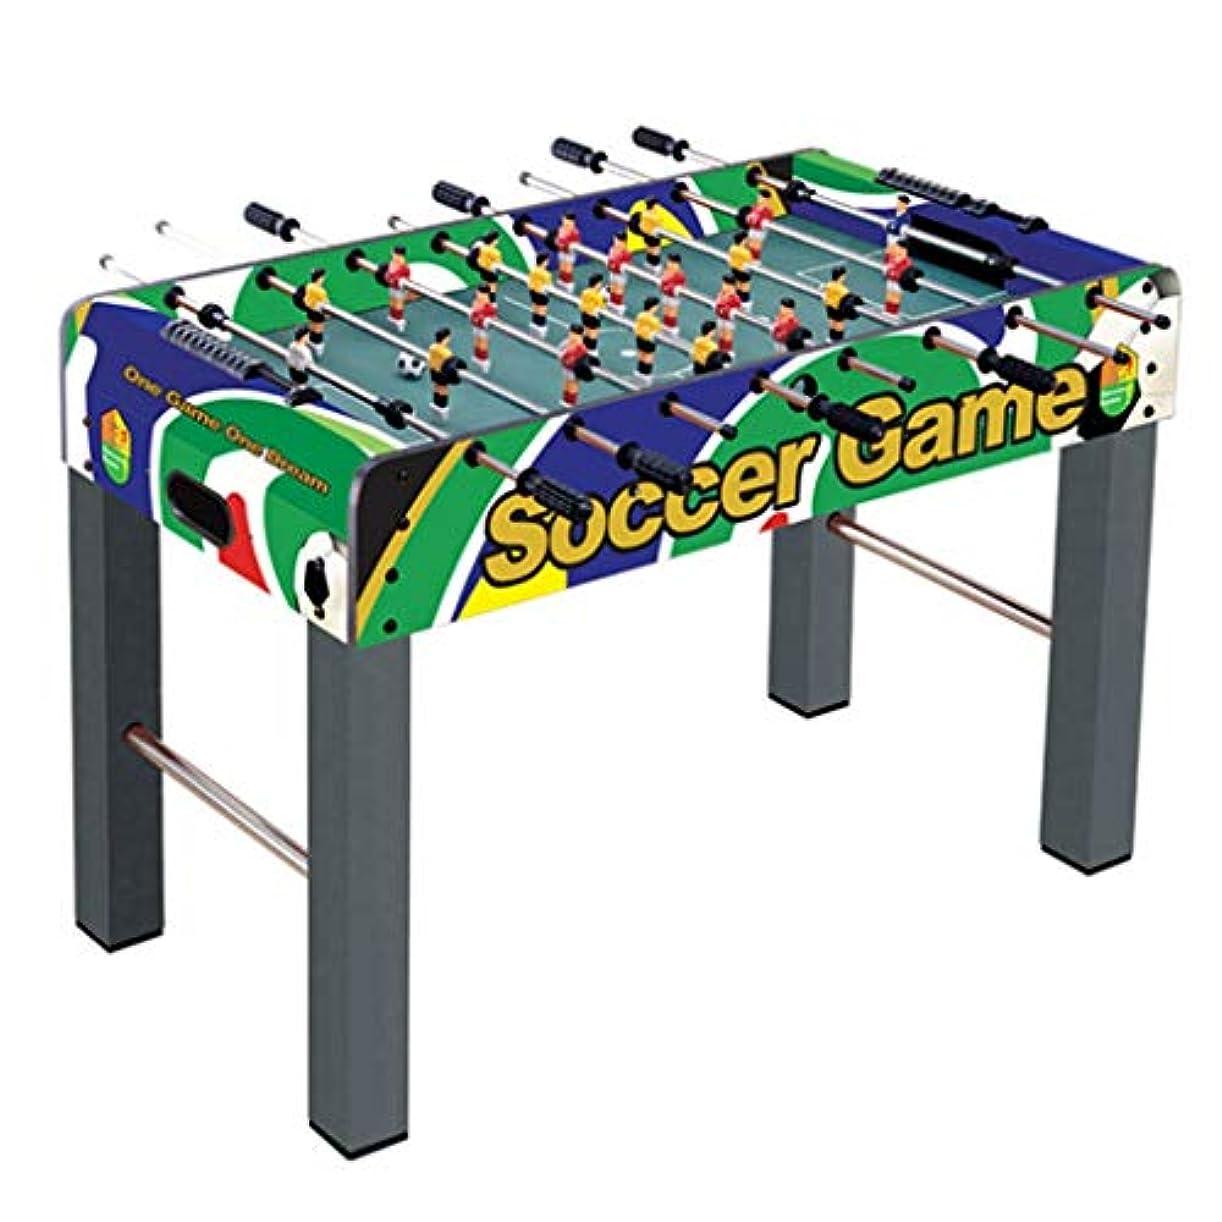 克服する発揮するそよ風テーブルサッカー機6大人ビリヤード機ダブルテーブルサッカー子供のゲームのおもちゃ6-14歳古い教育玩具マルチプレイヤーインタラクティブサッカー機 (Color : GREEN, Size : 121*61*79CM)